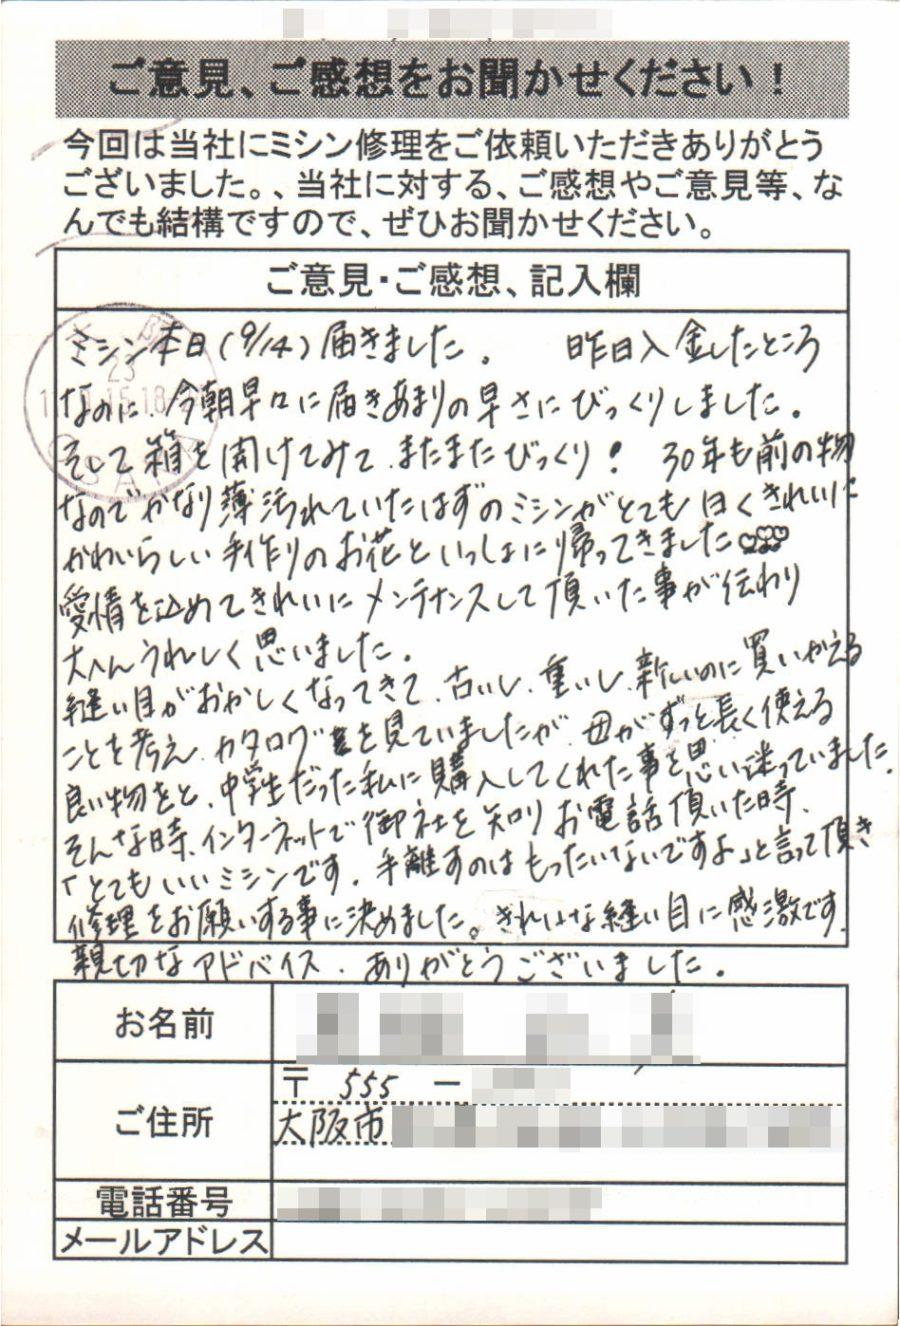 大阪市からミシン修理のお客様の声